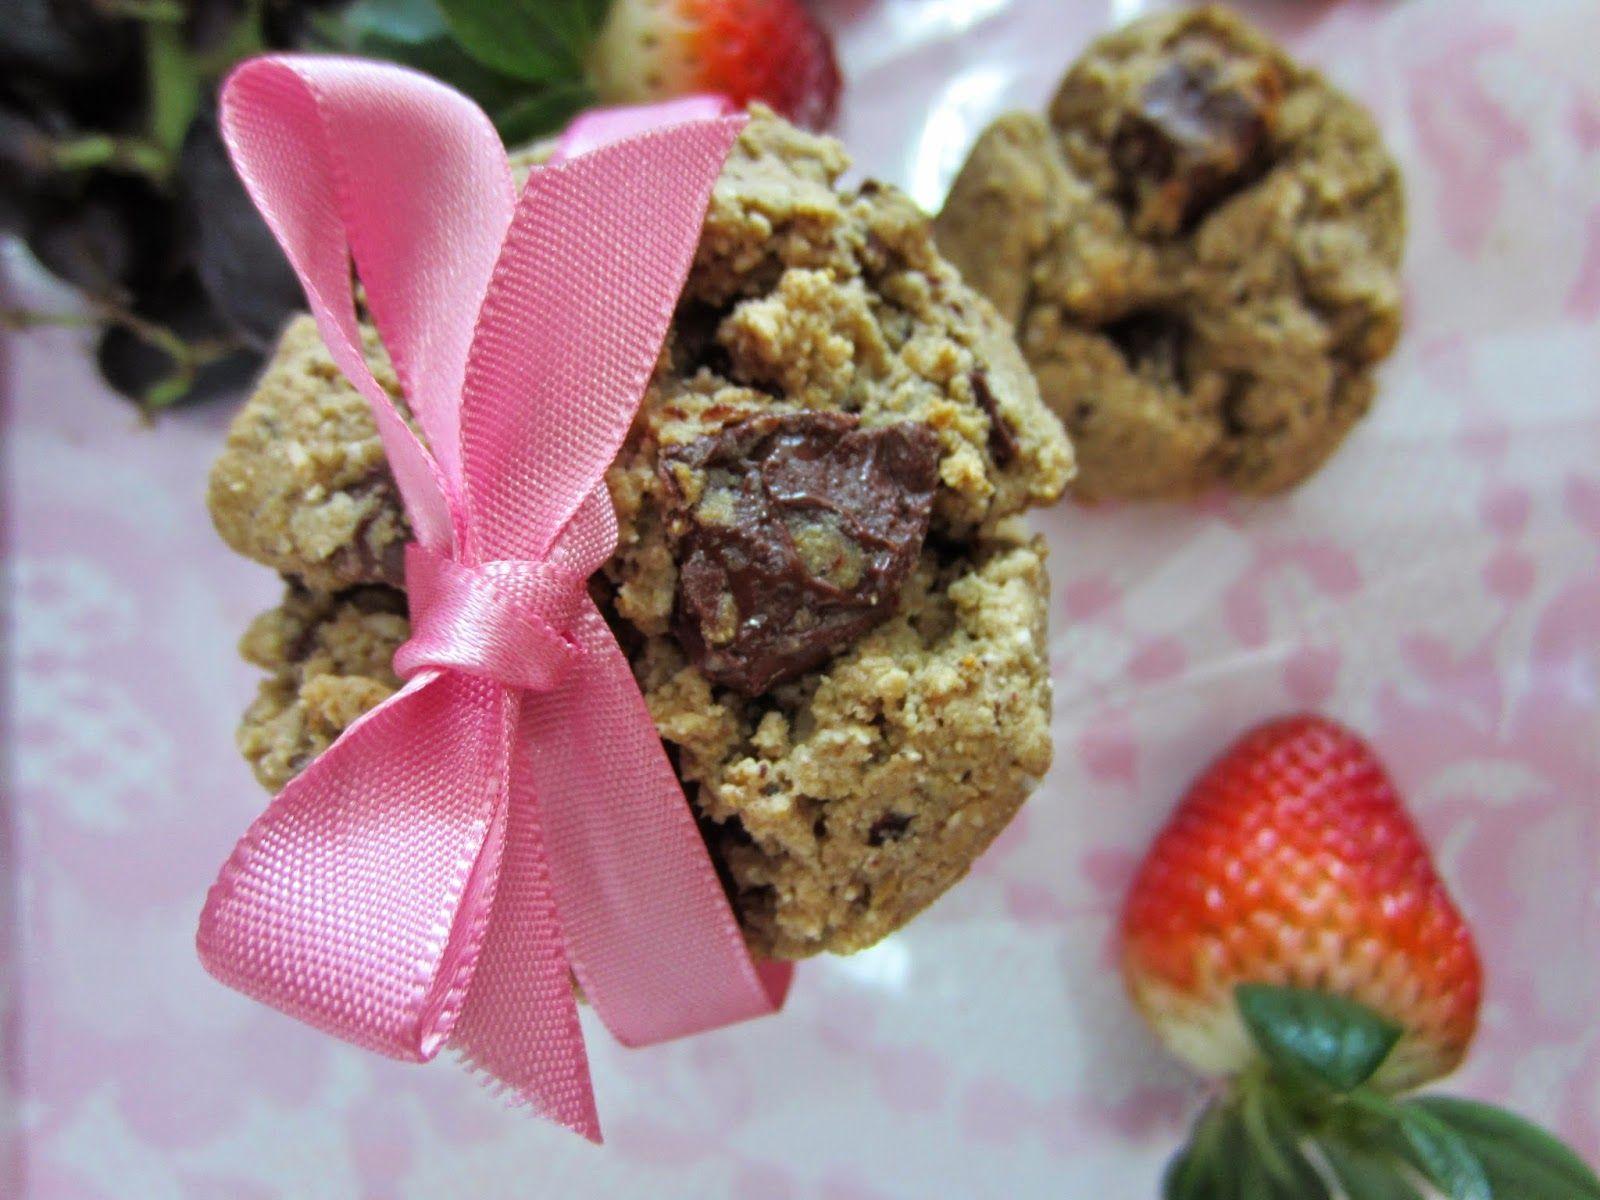 Sabores y Colores con Beth; Cookies Oats & Dark Chocolate, Galletas de Avena y Chocolate Negro.